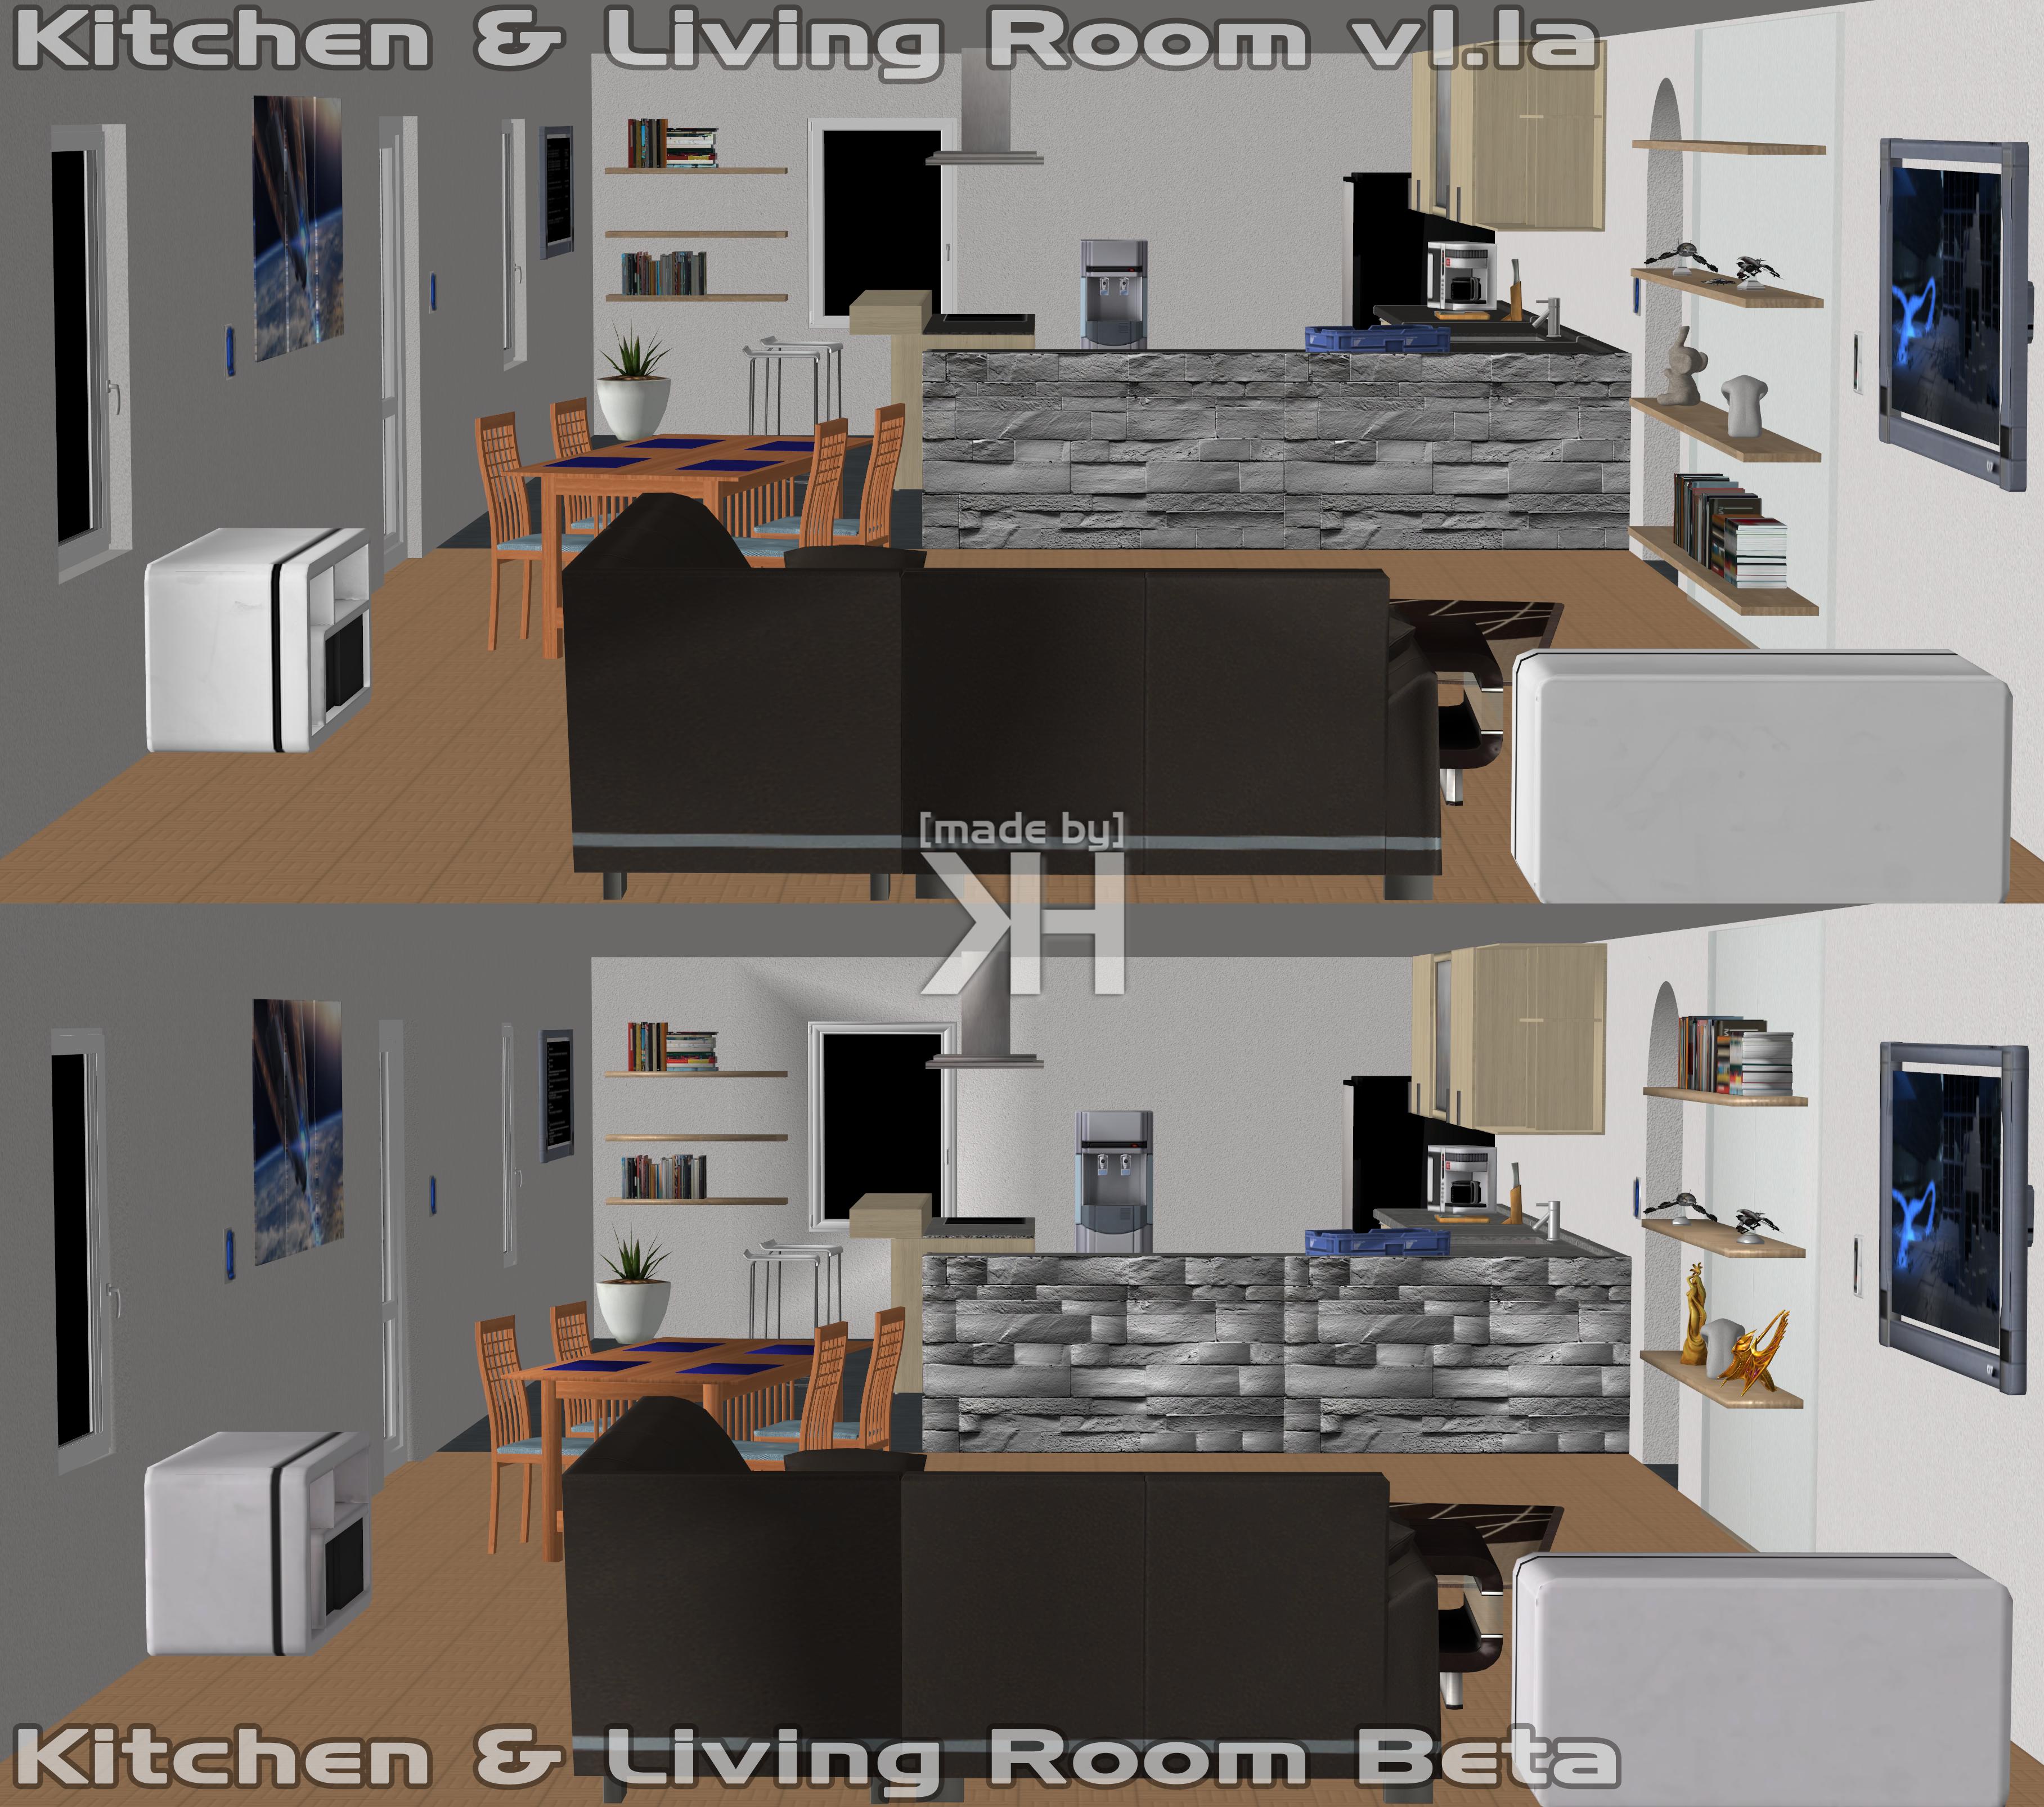 Kitchen And Living Room V1.1a (XPS) By Grummel83 On DeviantArt